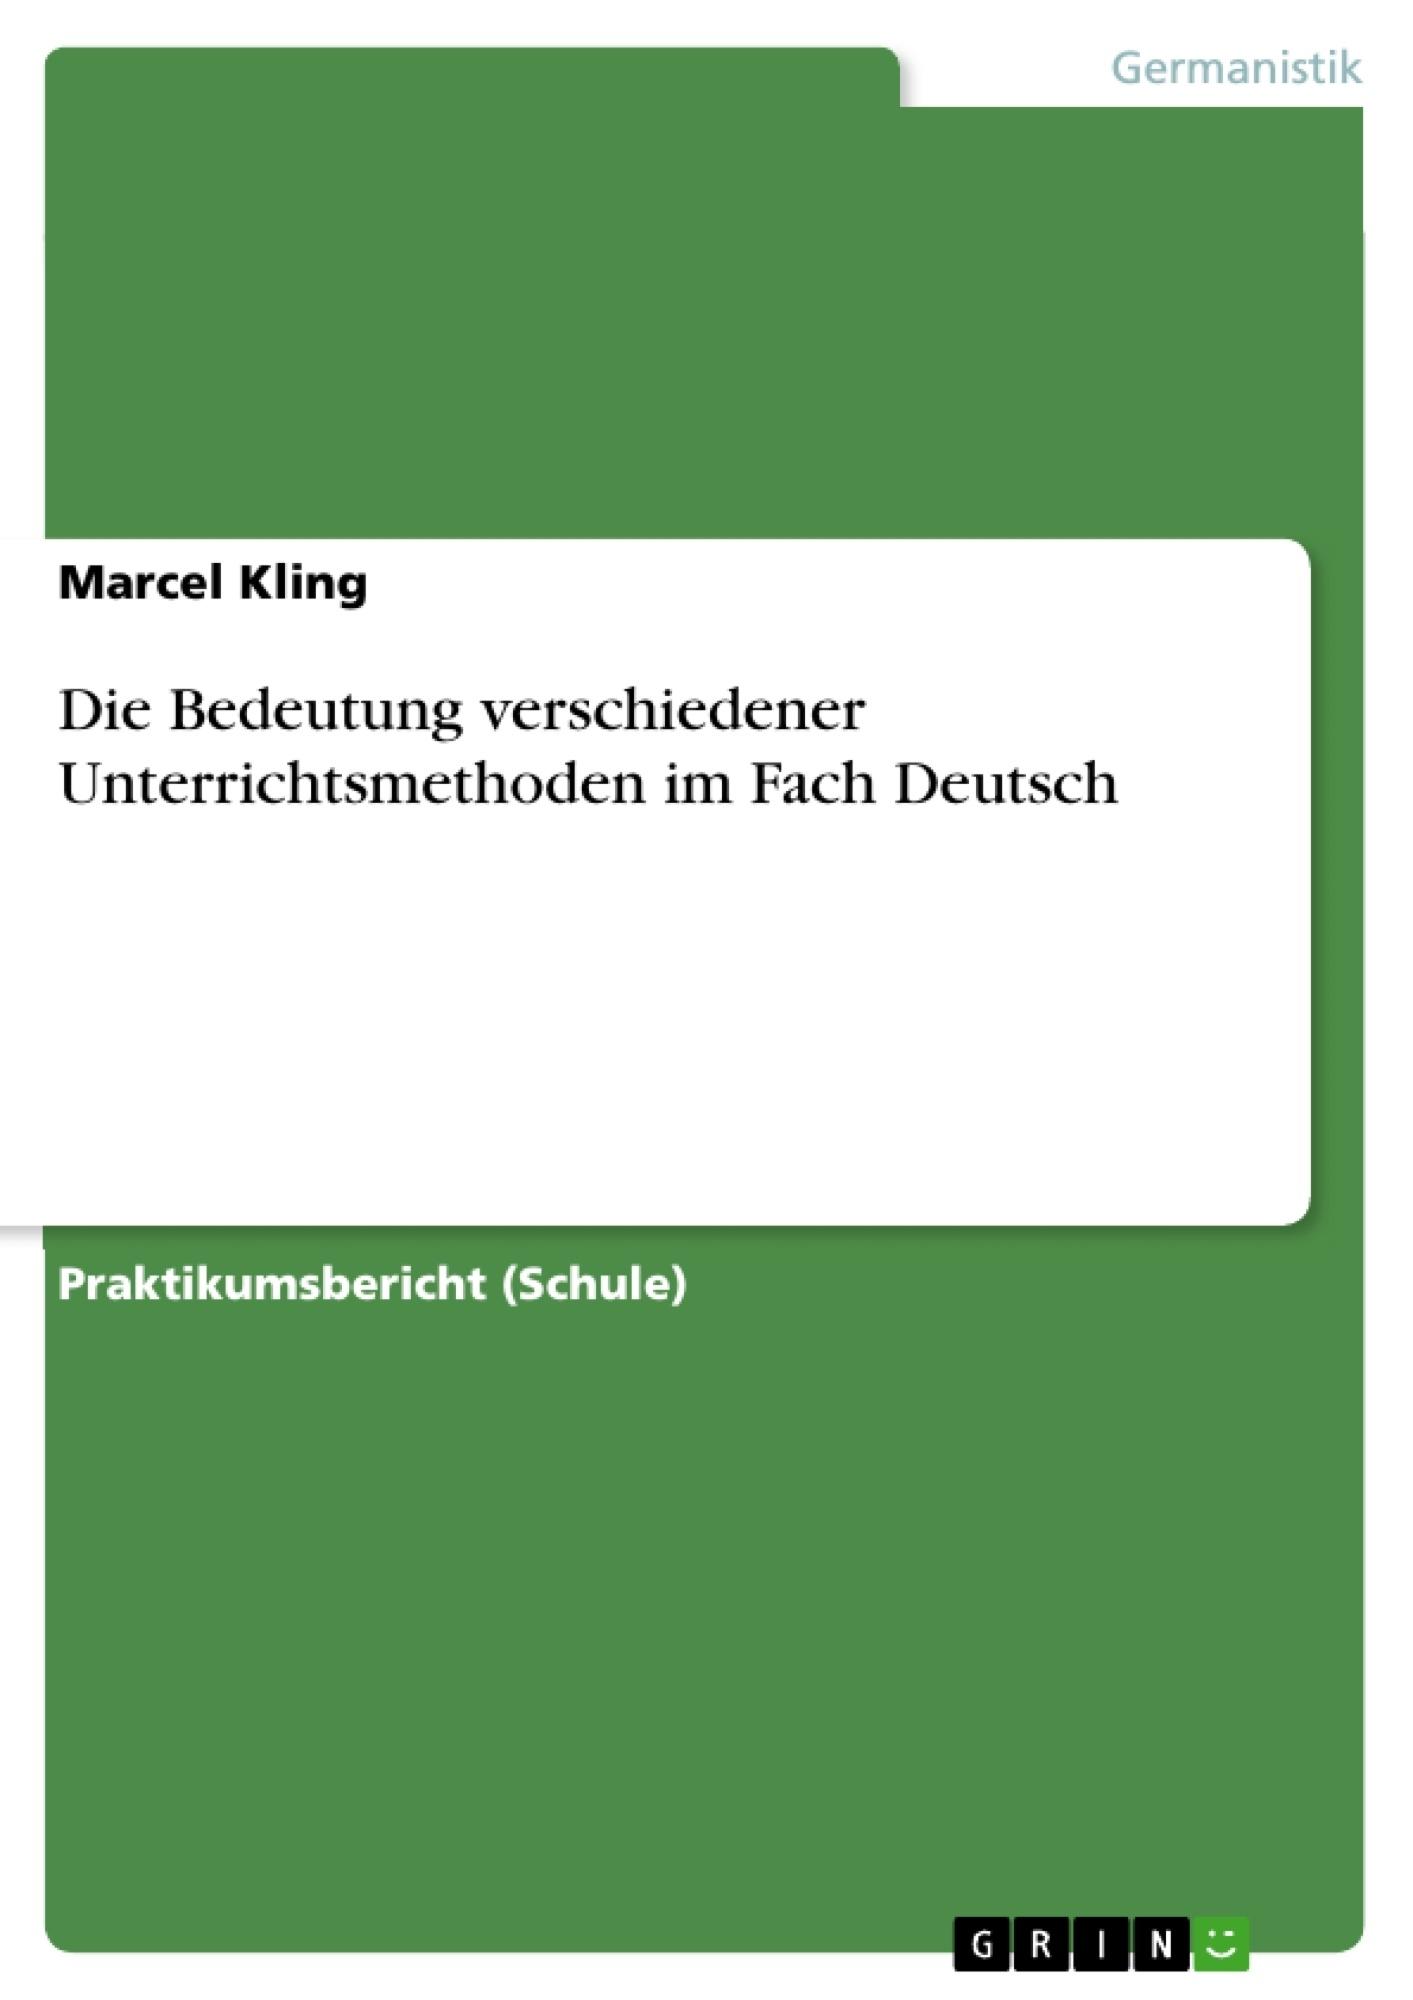 Titel: Die Bedeutung verschiedener Unterrichtsmethoden im Fach Deutsch